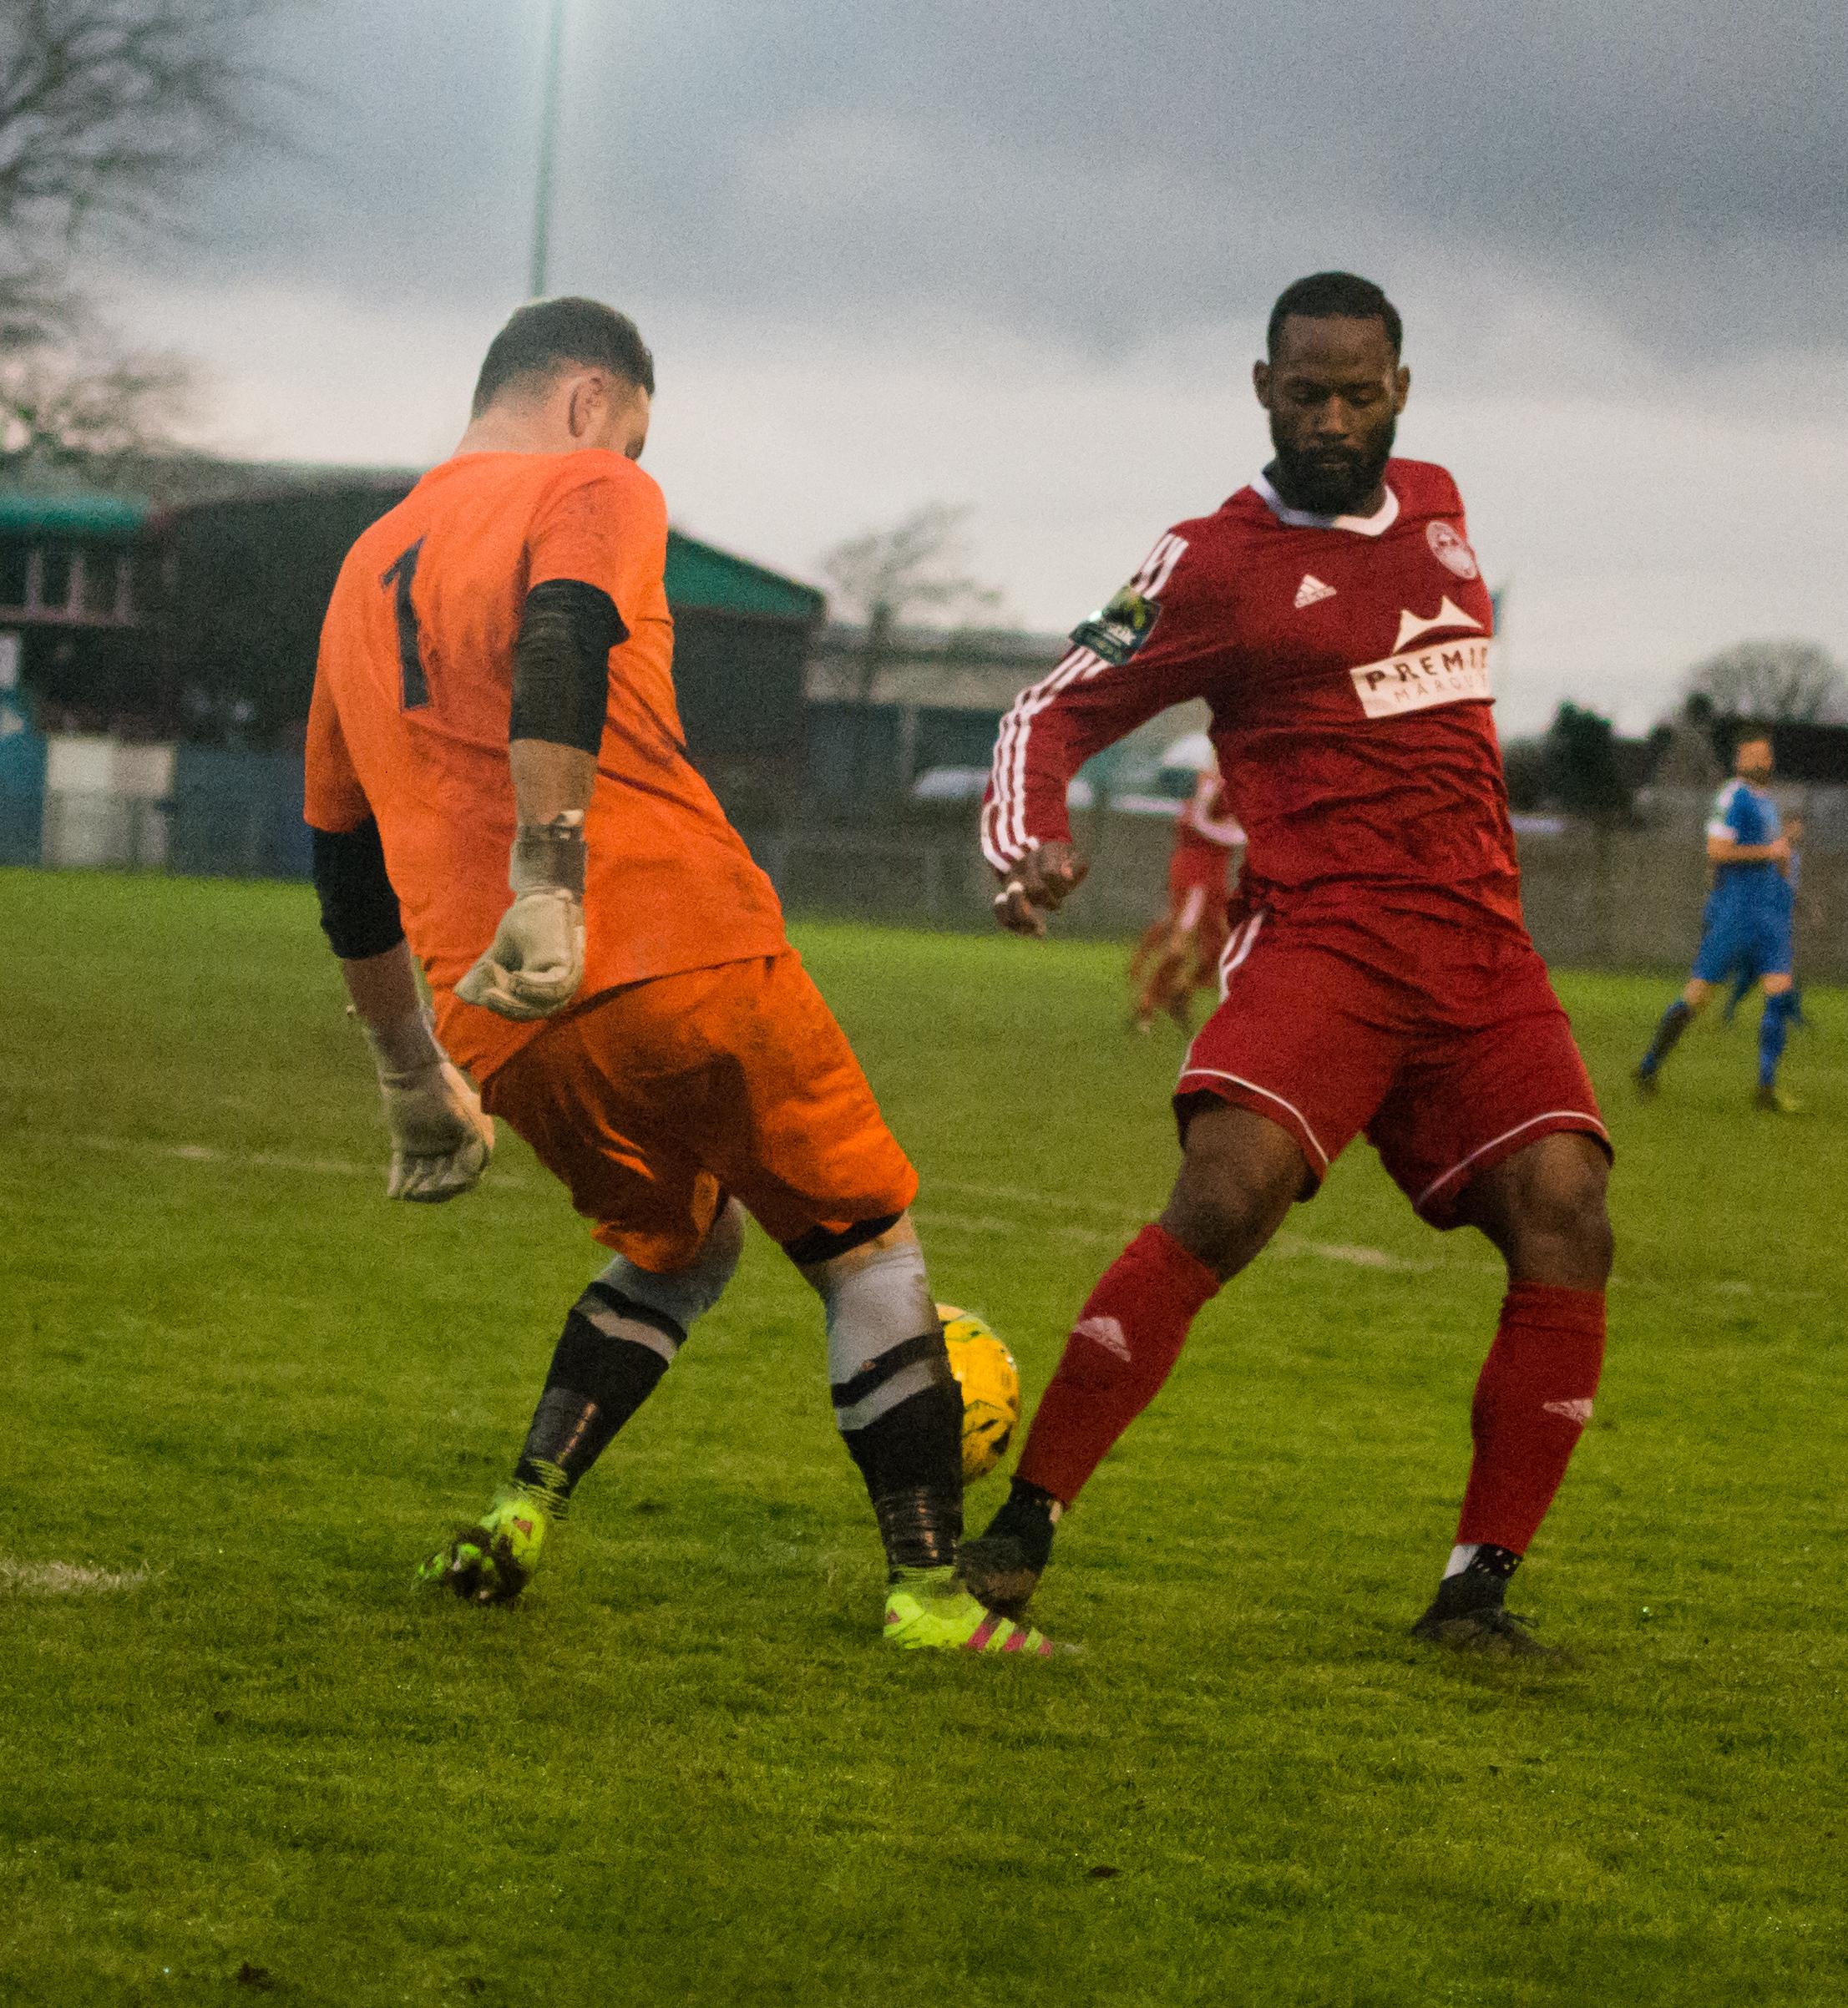 Shoreham FC vs Hythe Town 11.11.17 76